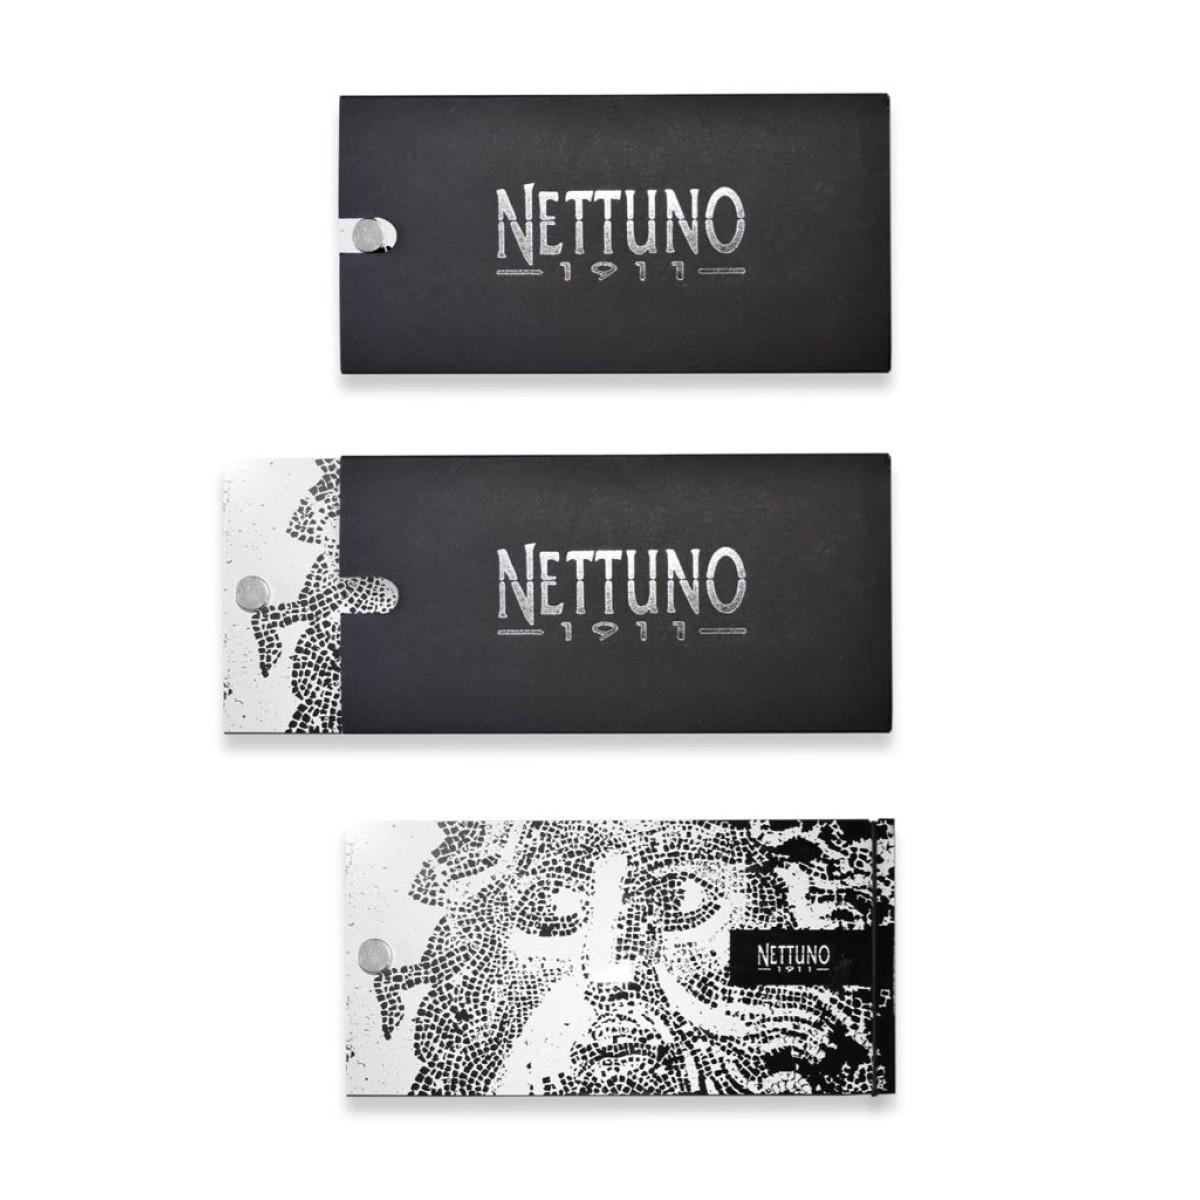 Tritone - Penna Stilografica - Nettuno Nineteen Eleven